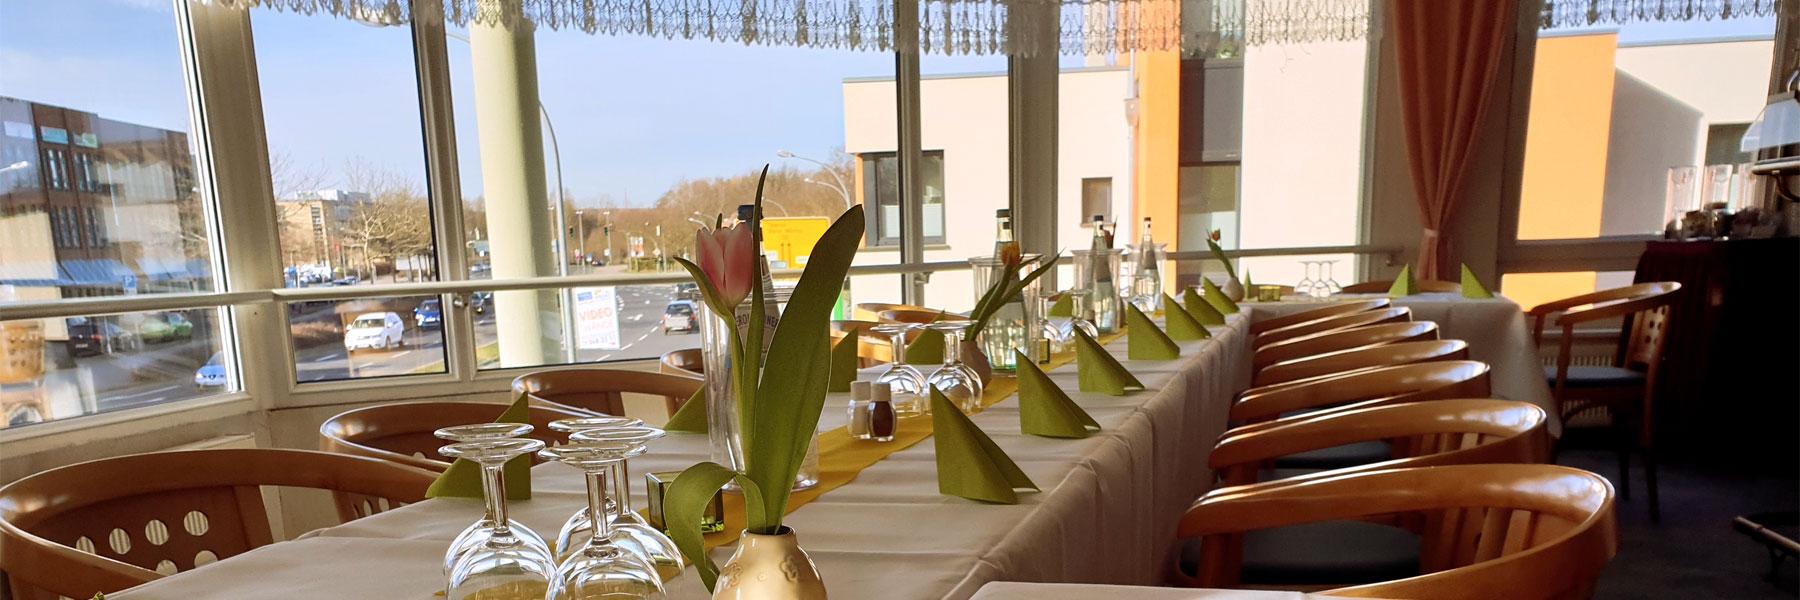 Frühstück - Hotel Jahnke